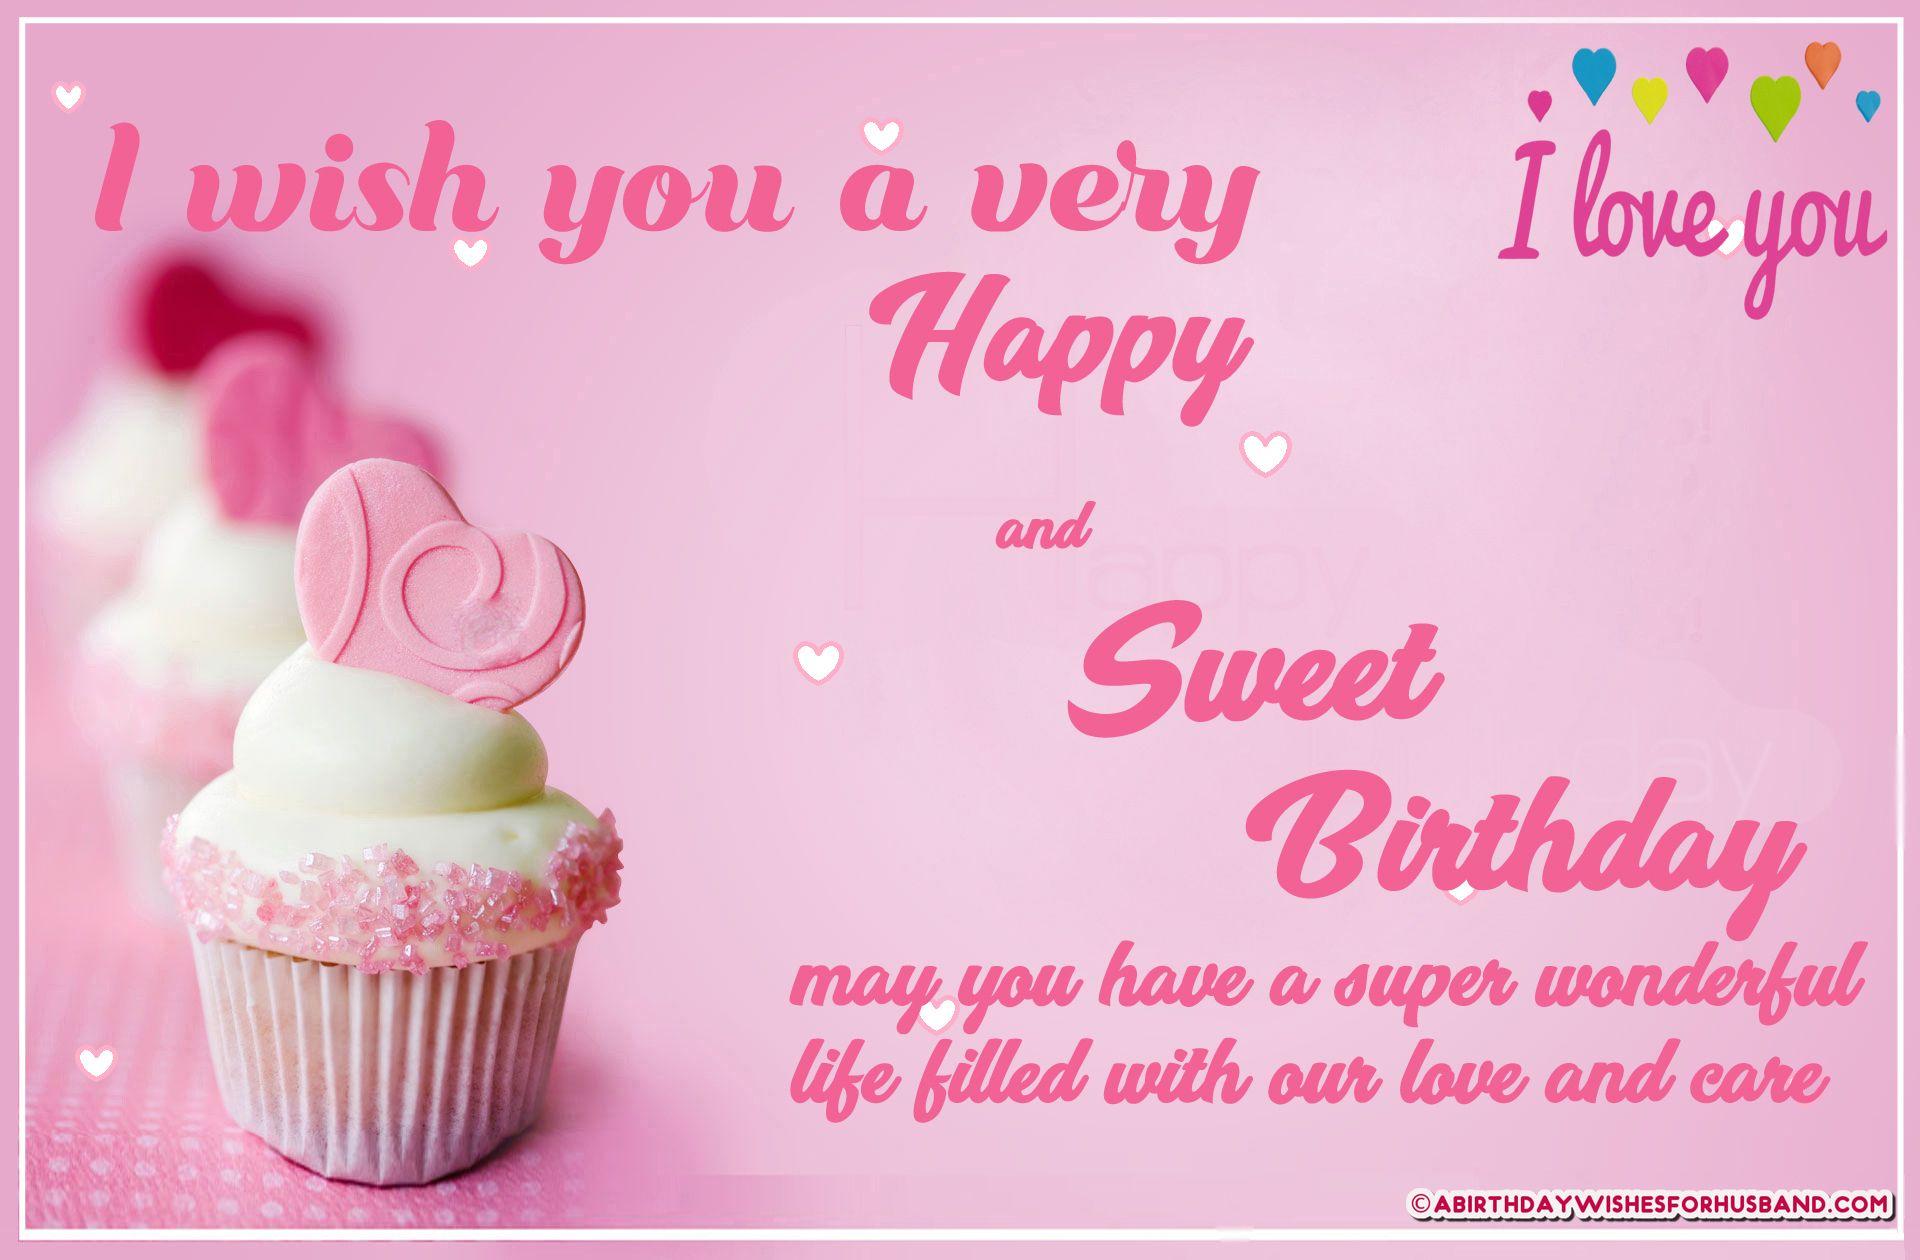 Birthday Wishes For Husband Advance Happy Birthday Wishes Birthday Wishes For Lover Advance Happy Birthday